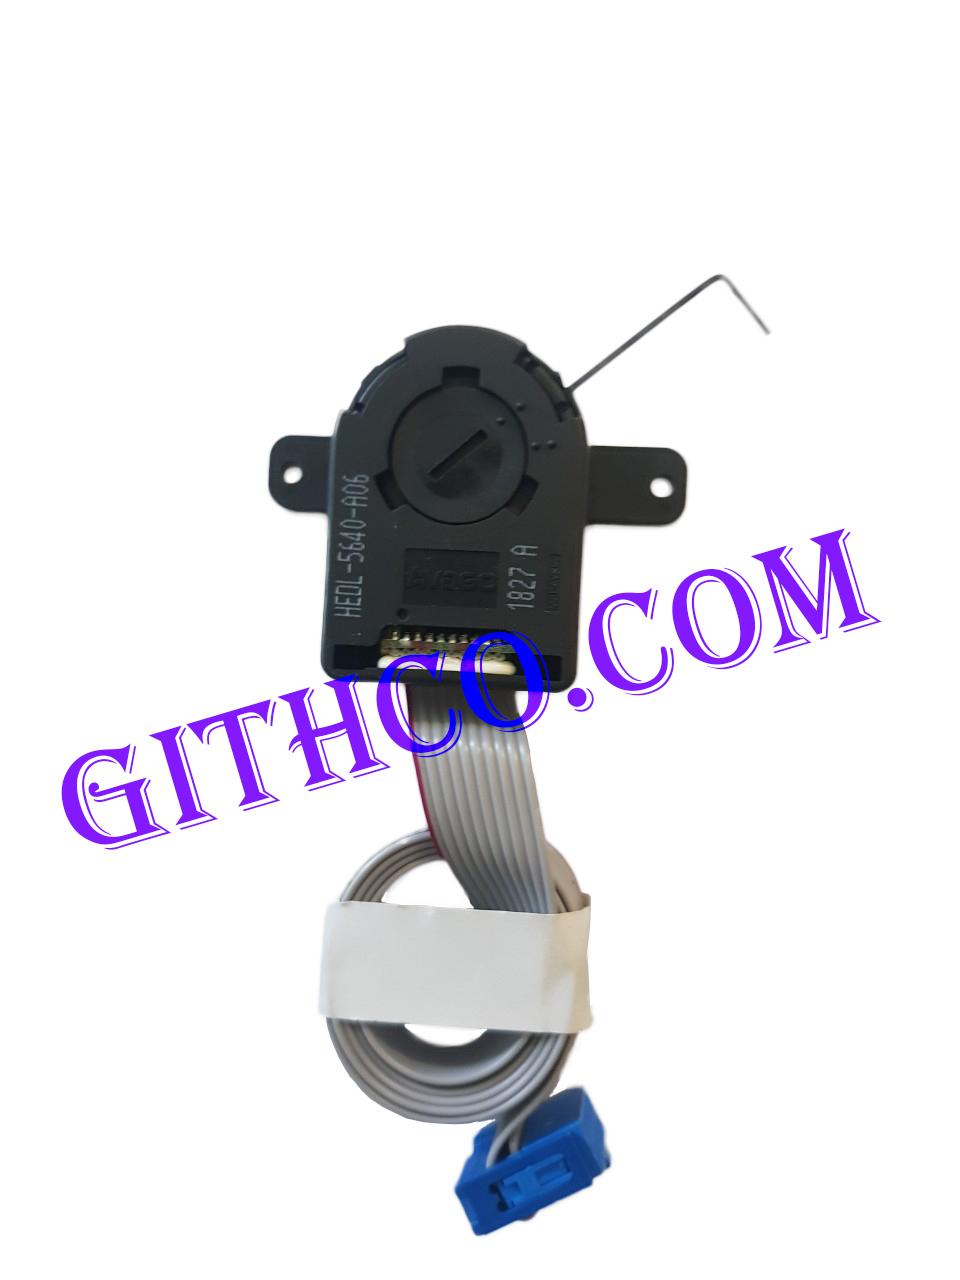 Encoder Avago HEDL-5640-A06 Bộ mã hóa vòng quay